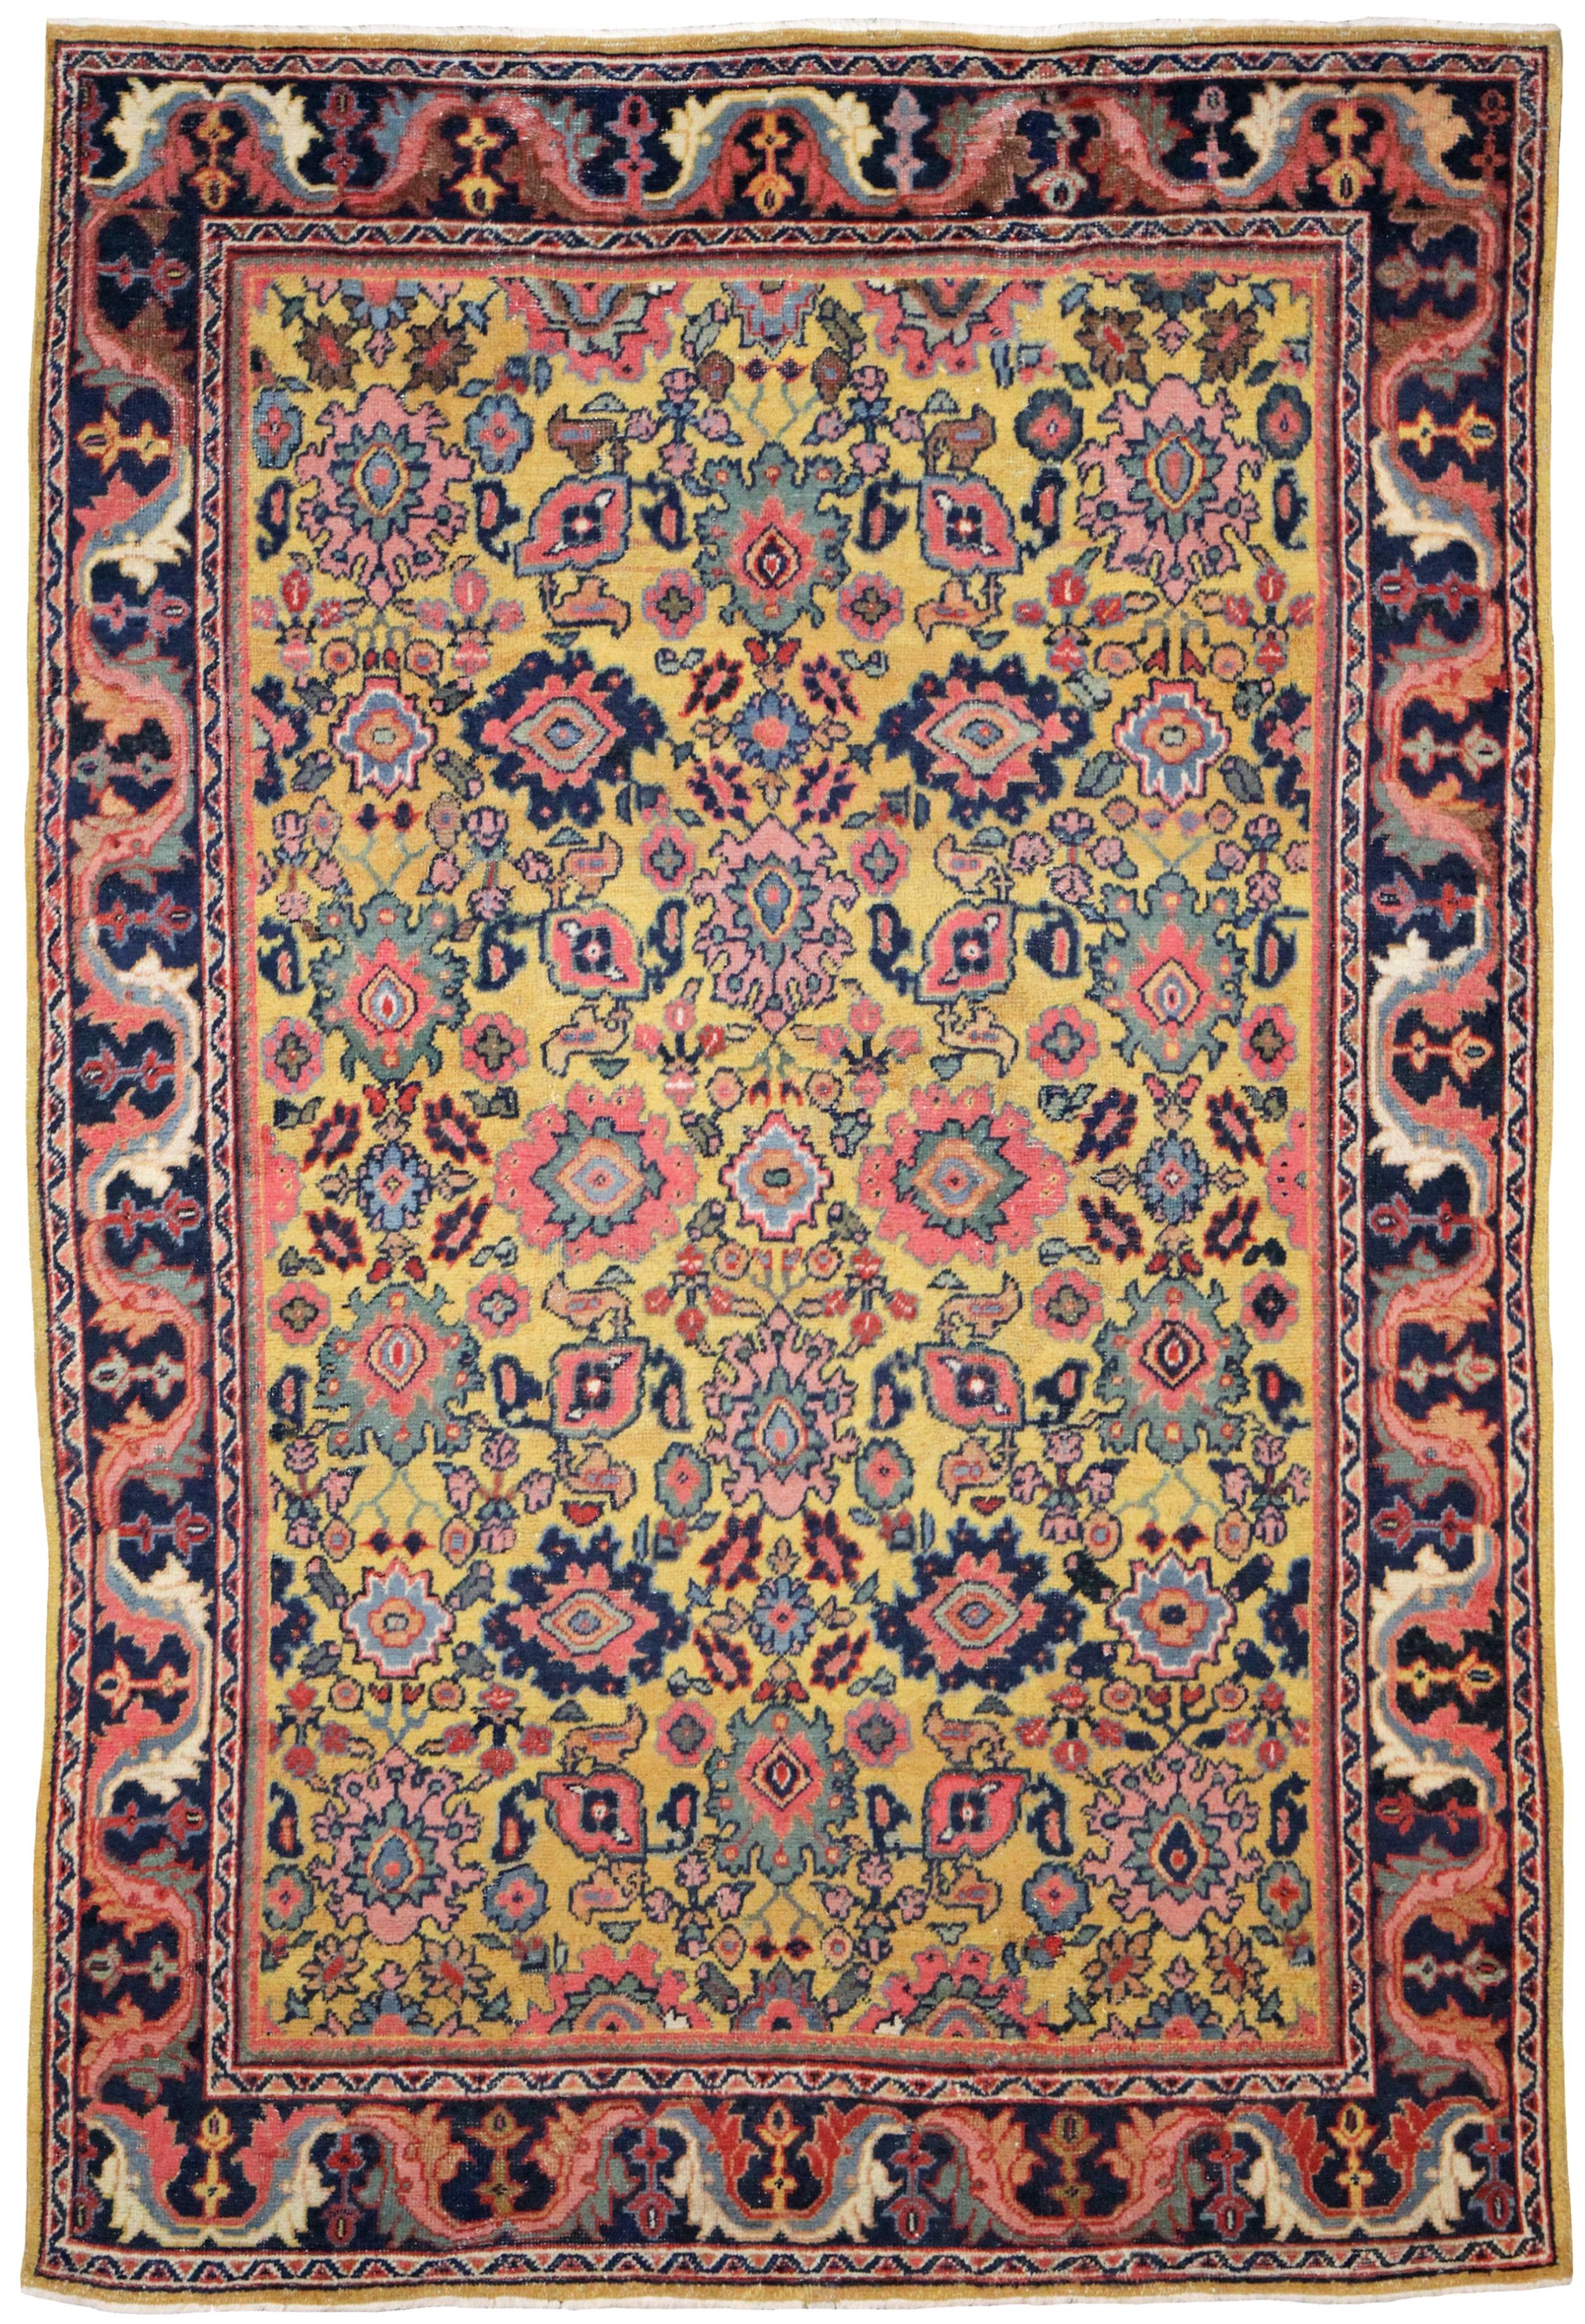 antique mahal rug persian